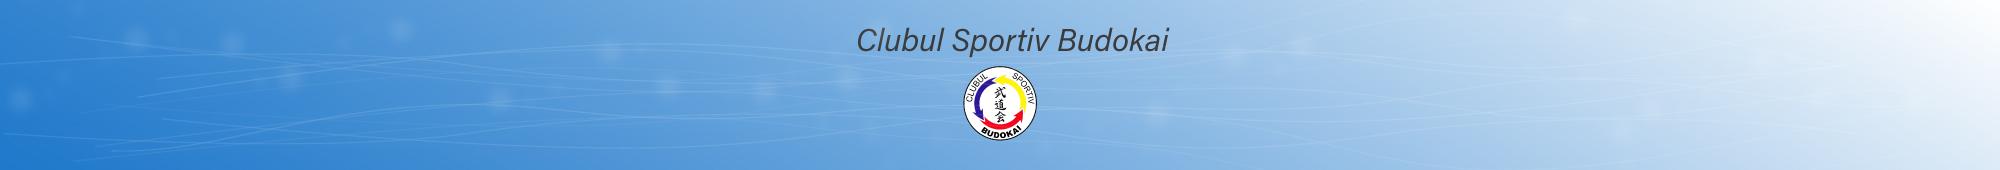 Clubul Sportiv Budokai